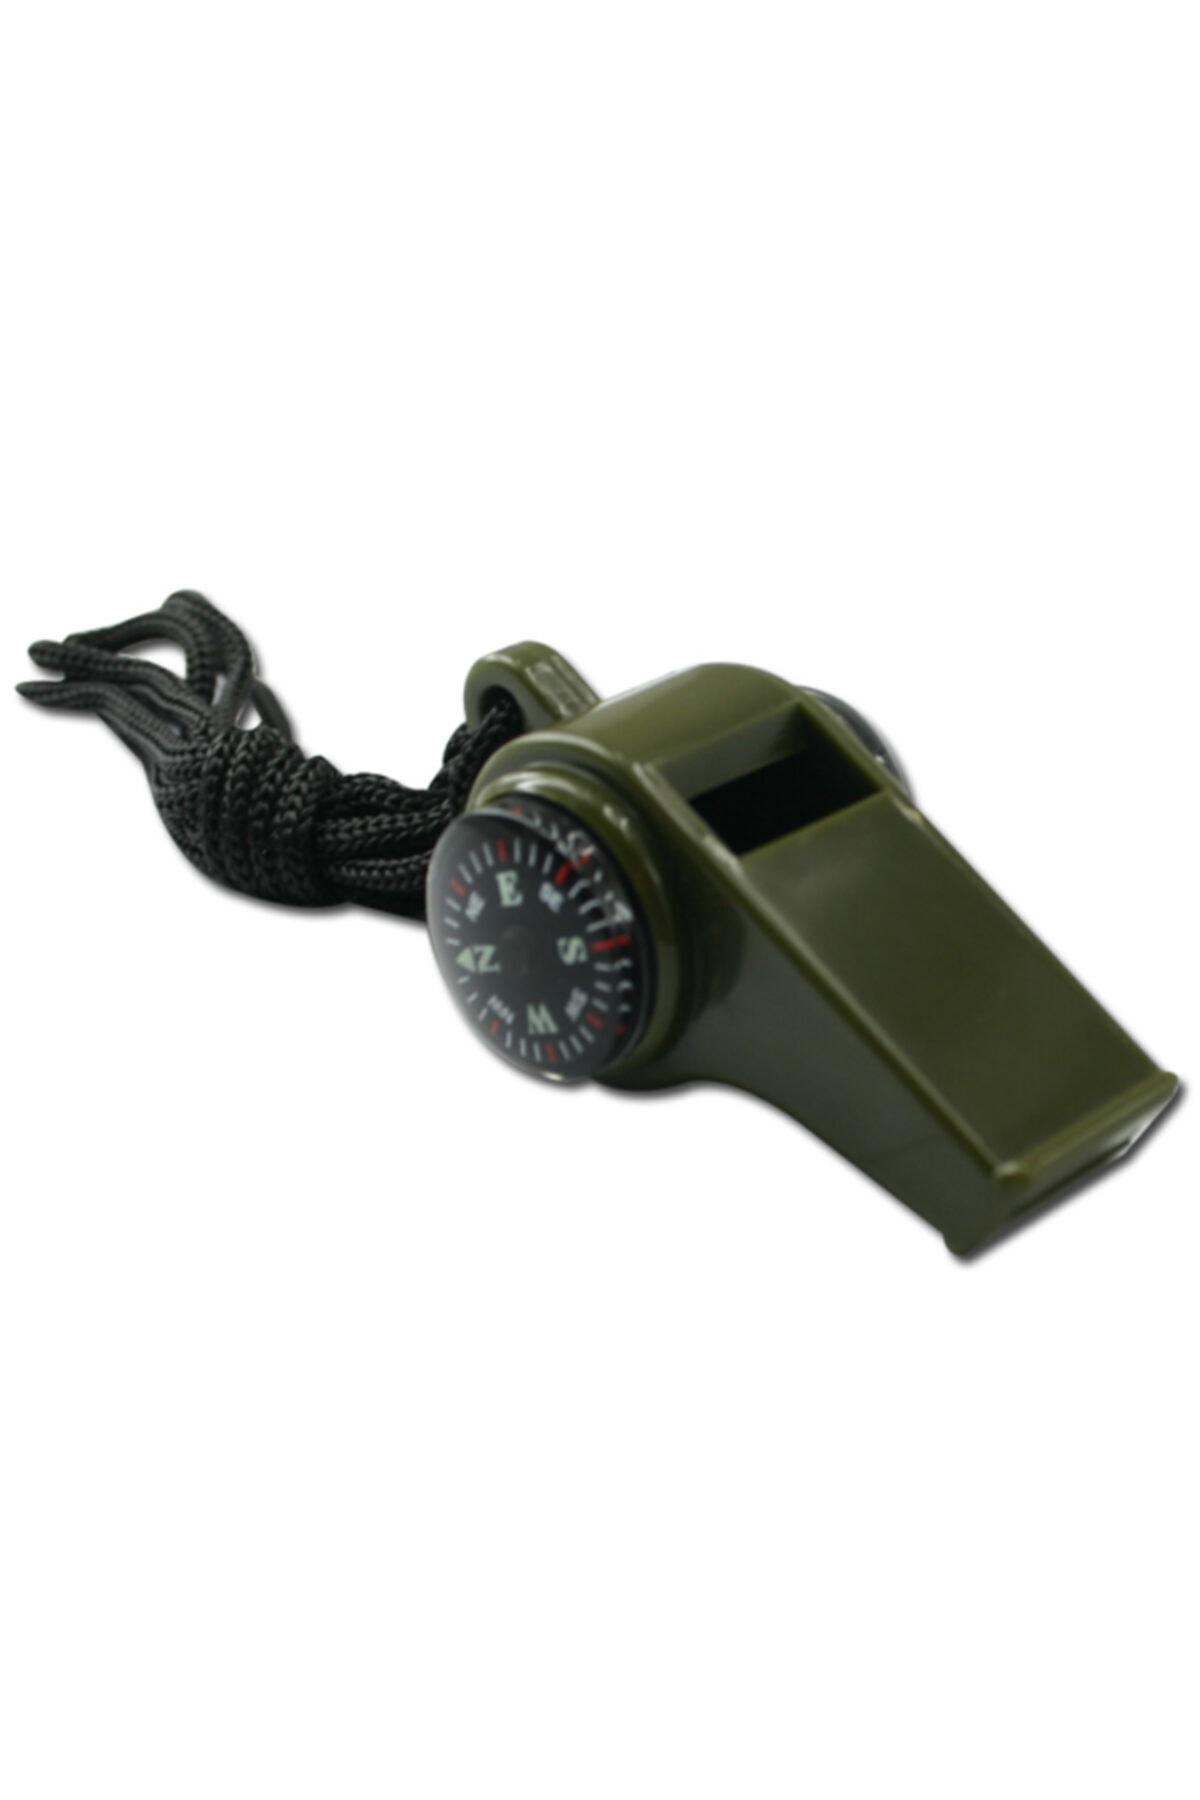 rennway Haki Pusulalı Termometreli Survival Askılı Düdük 1